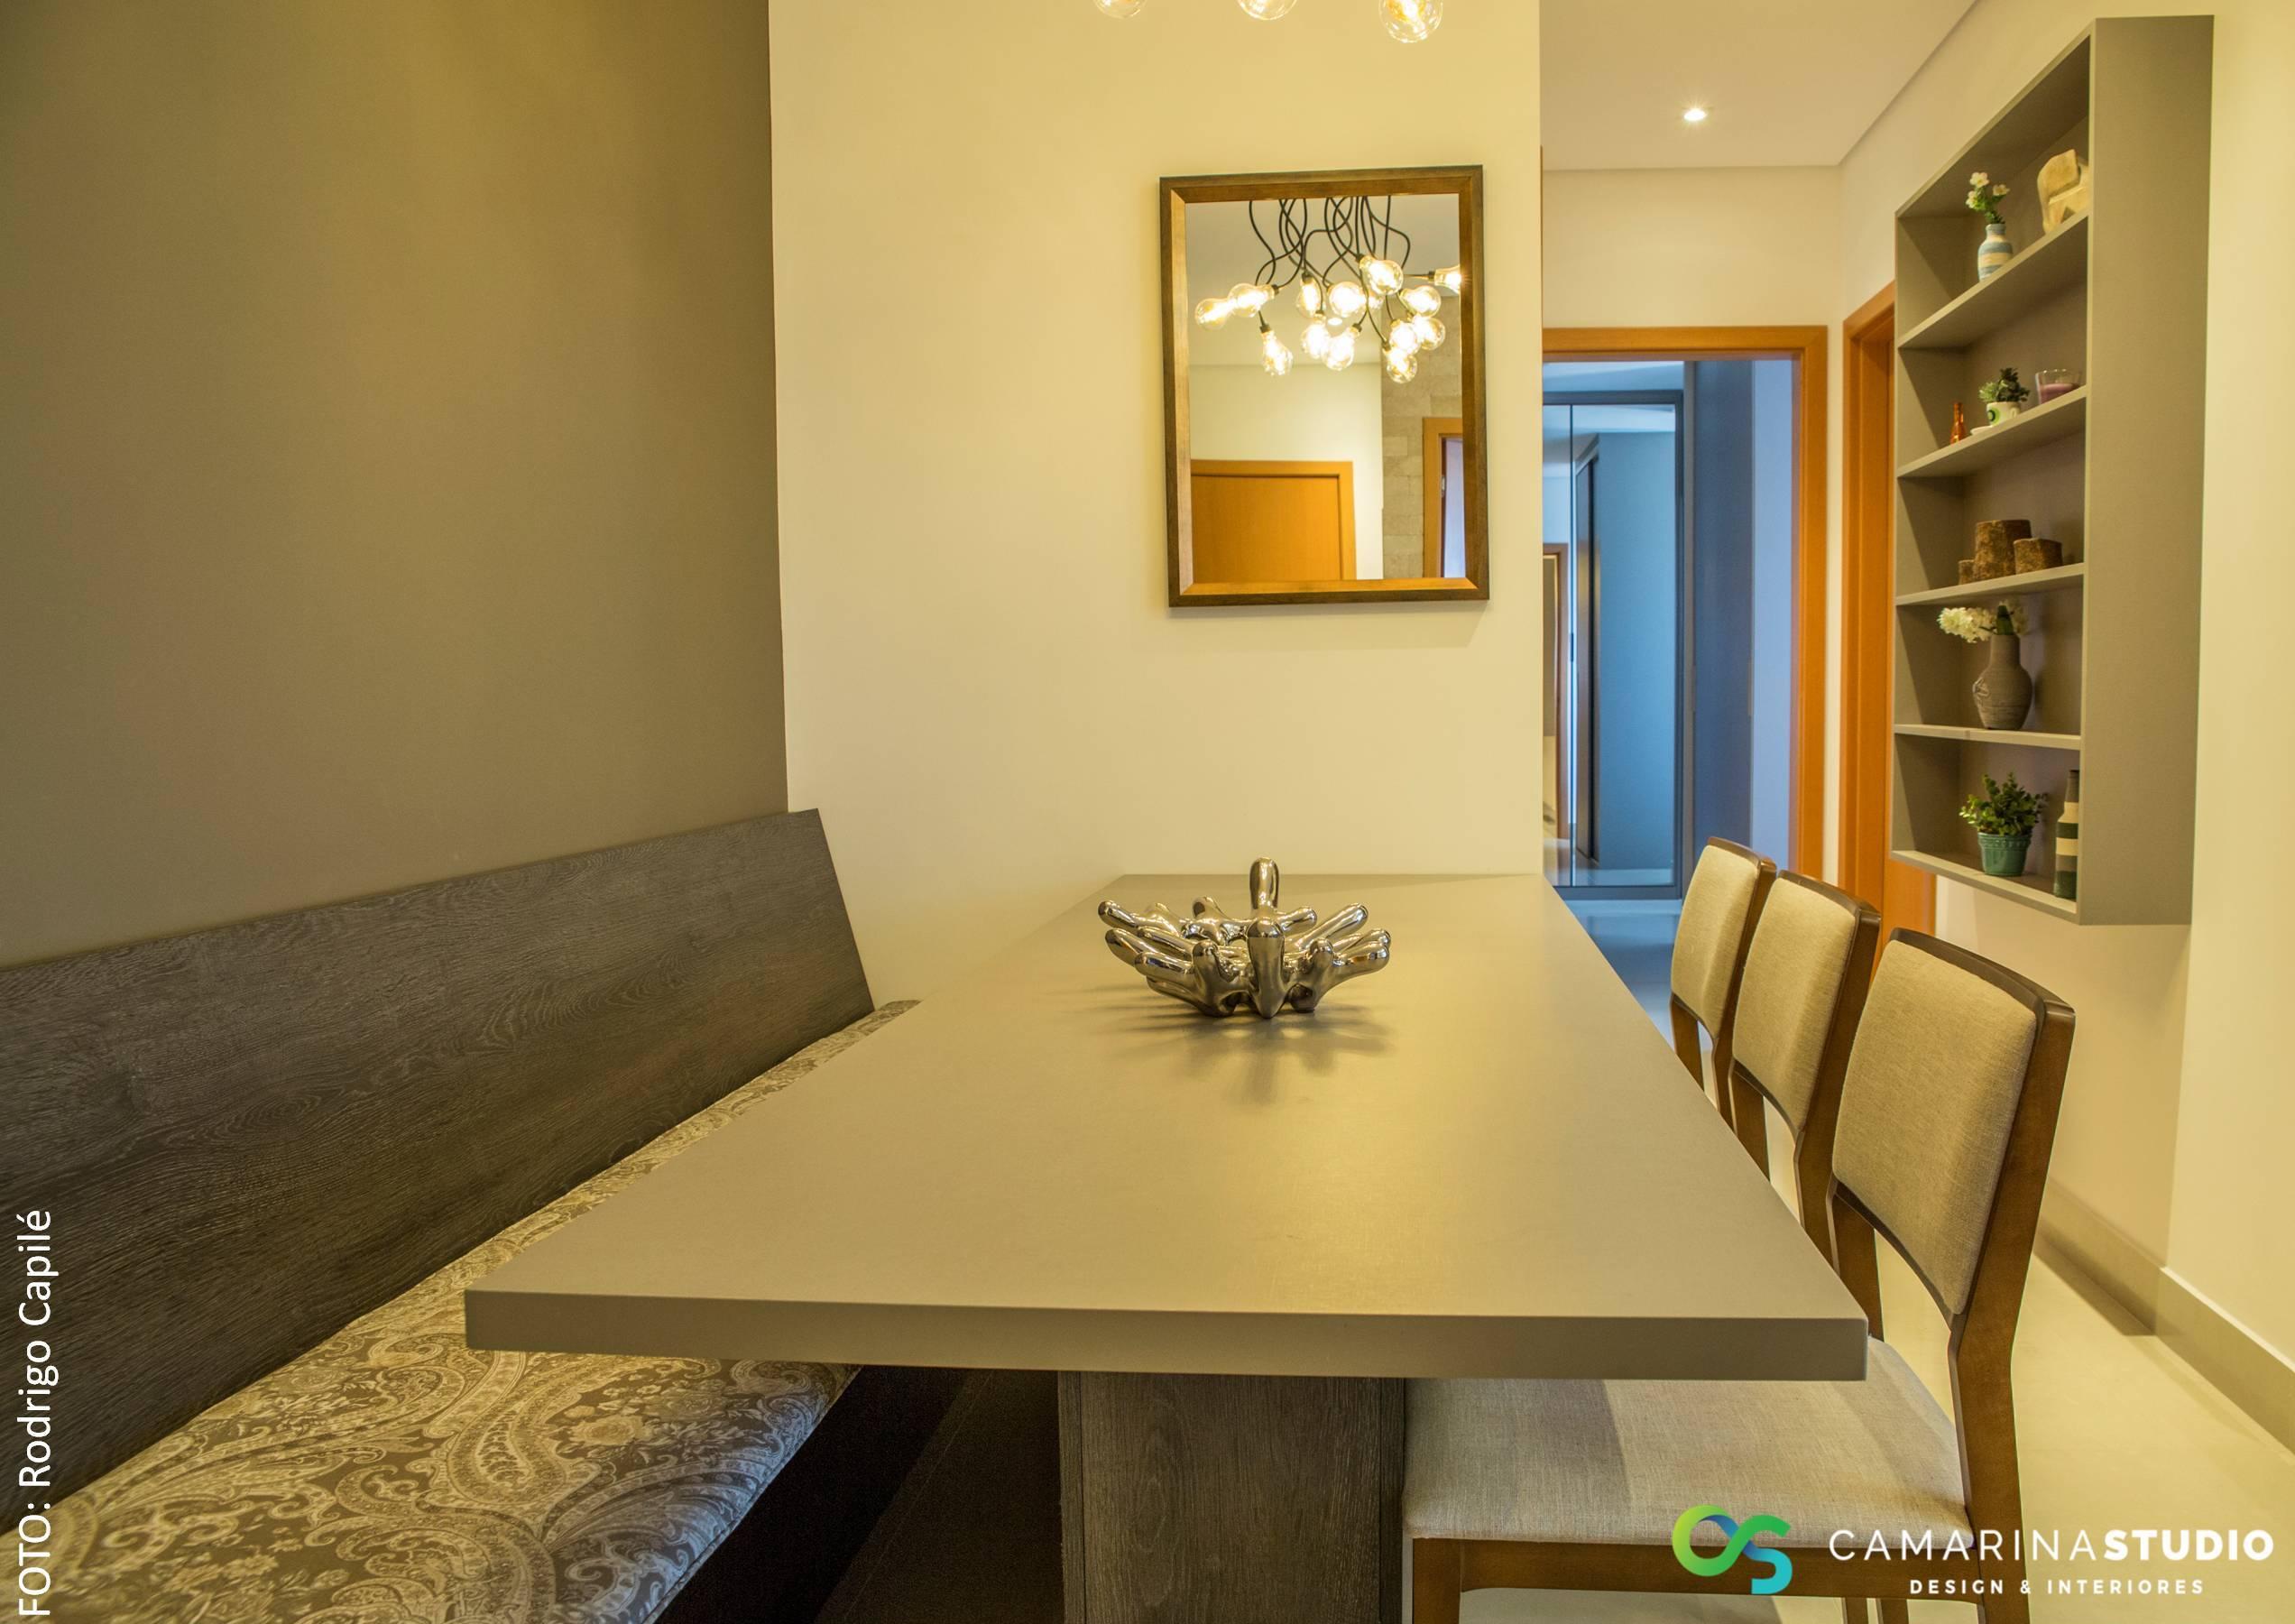 apartamento_rústico-sofisticado_(11)